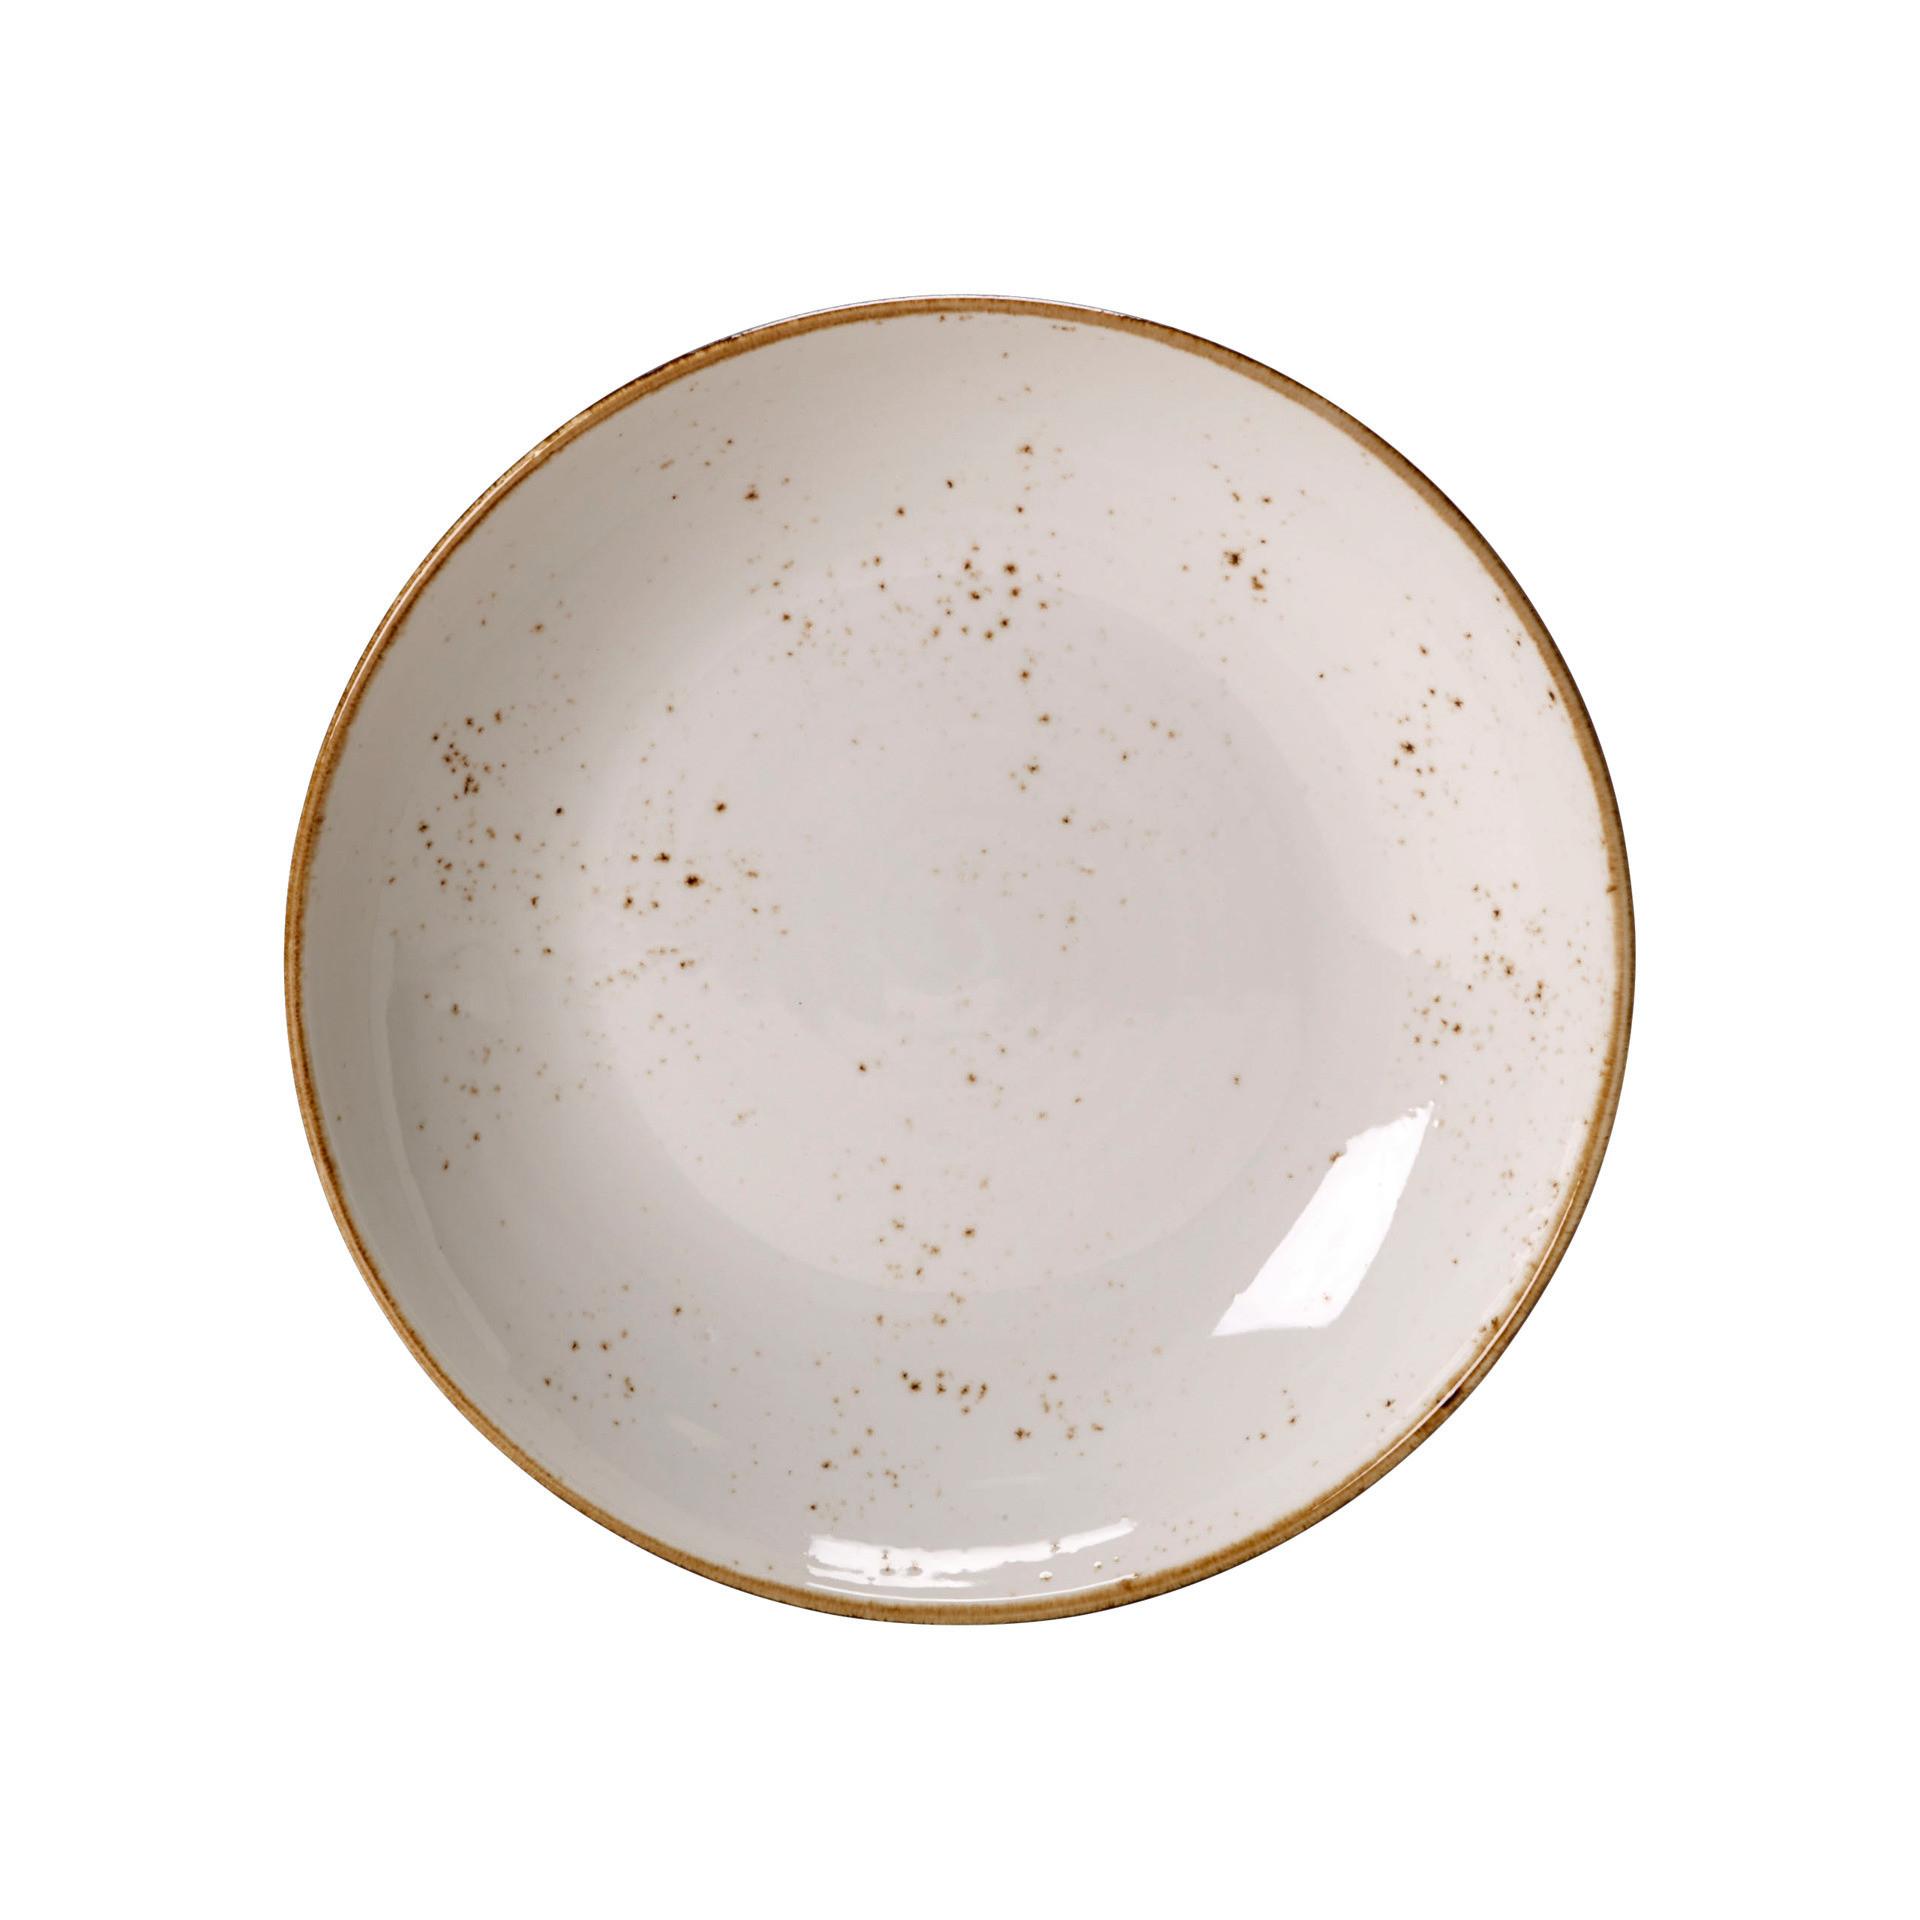 Craft White, Coupteller tief ø 253 mm